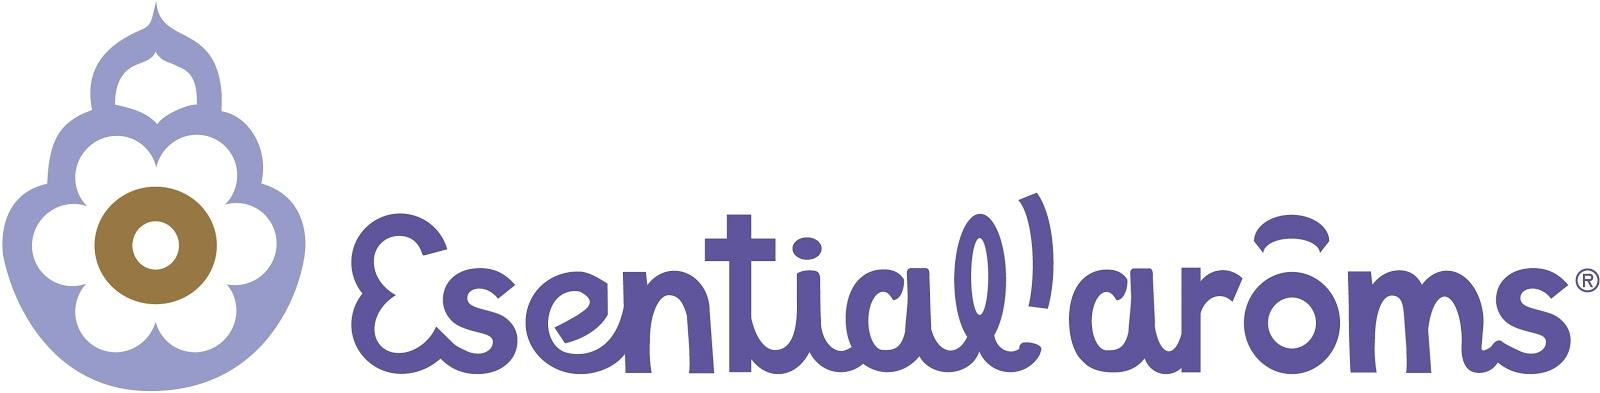 Resultado de imagen de esential aroms logo